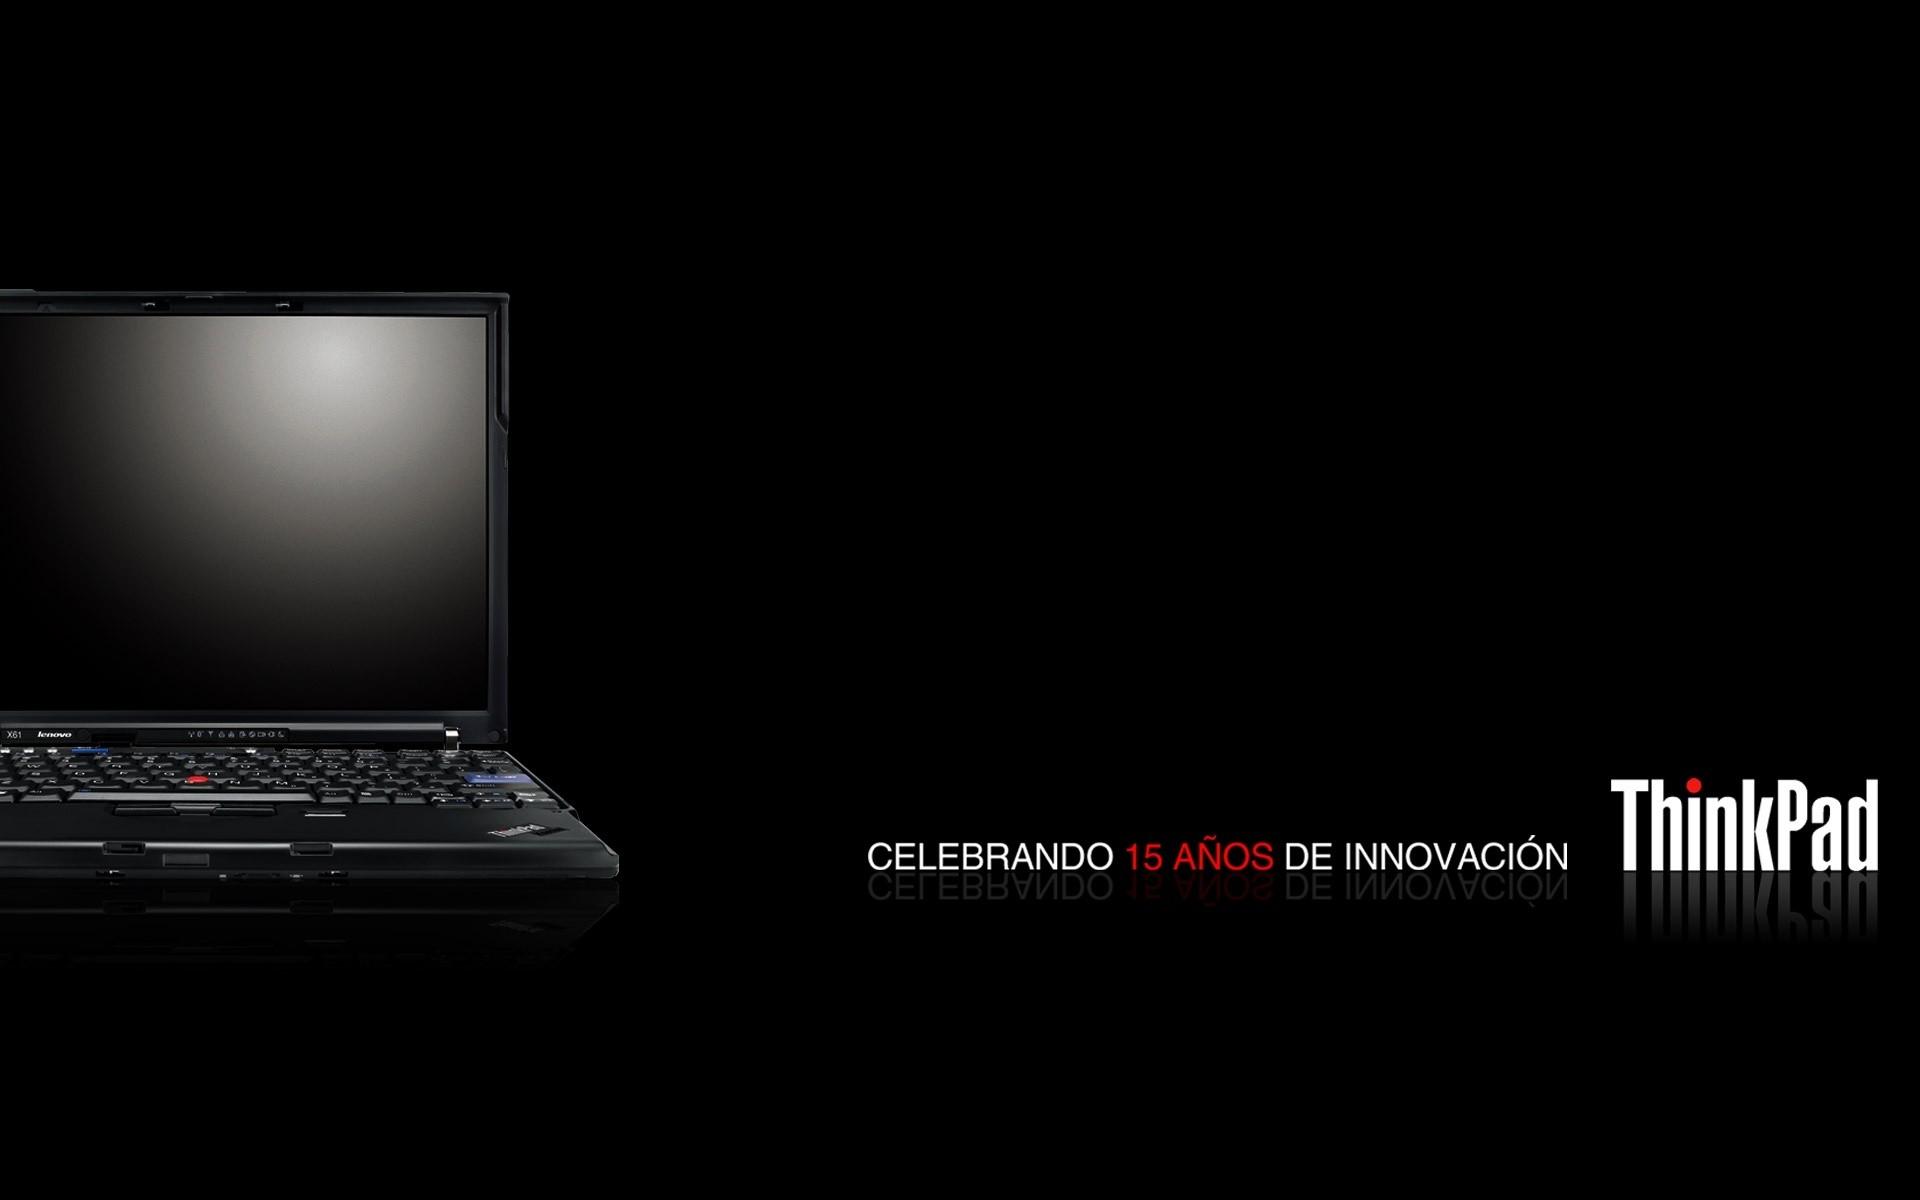 Lenovo Logo Wallpaper: Lenovo Thinkpad Wallpaper (67+ Images